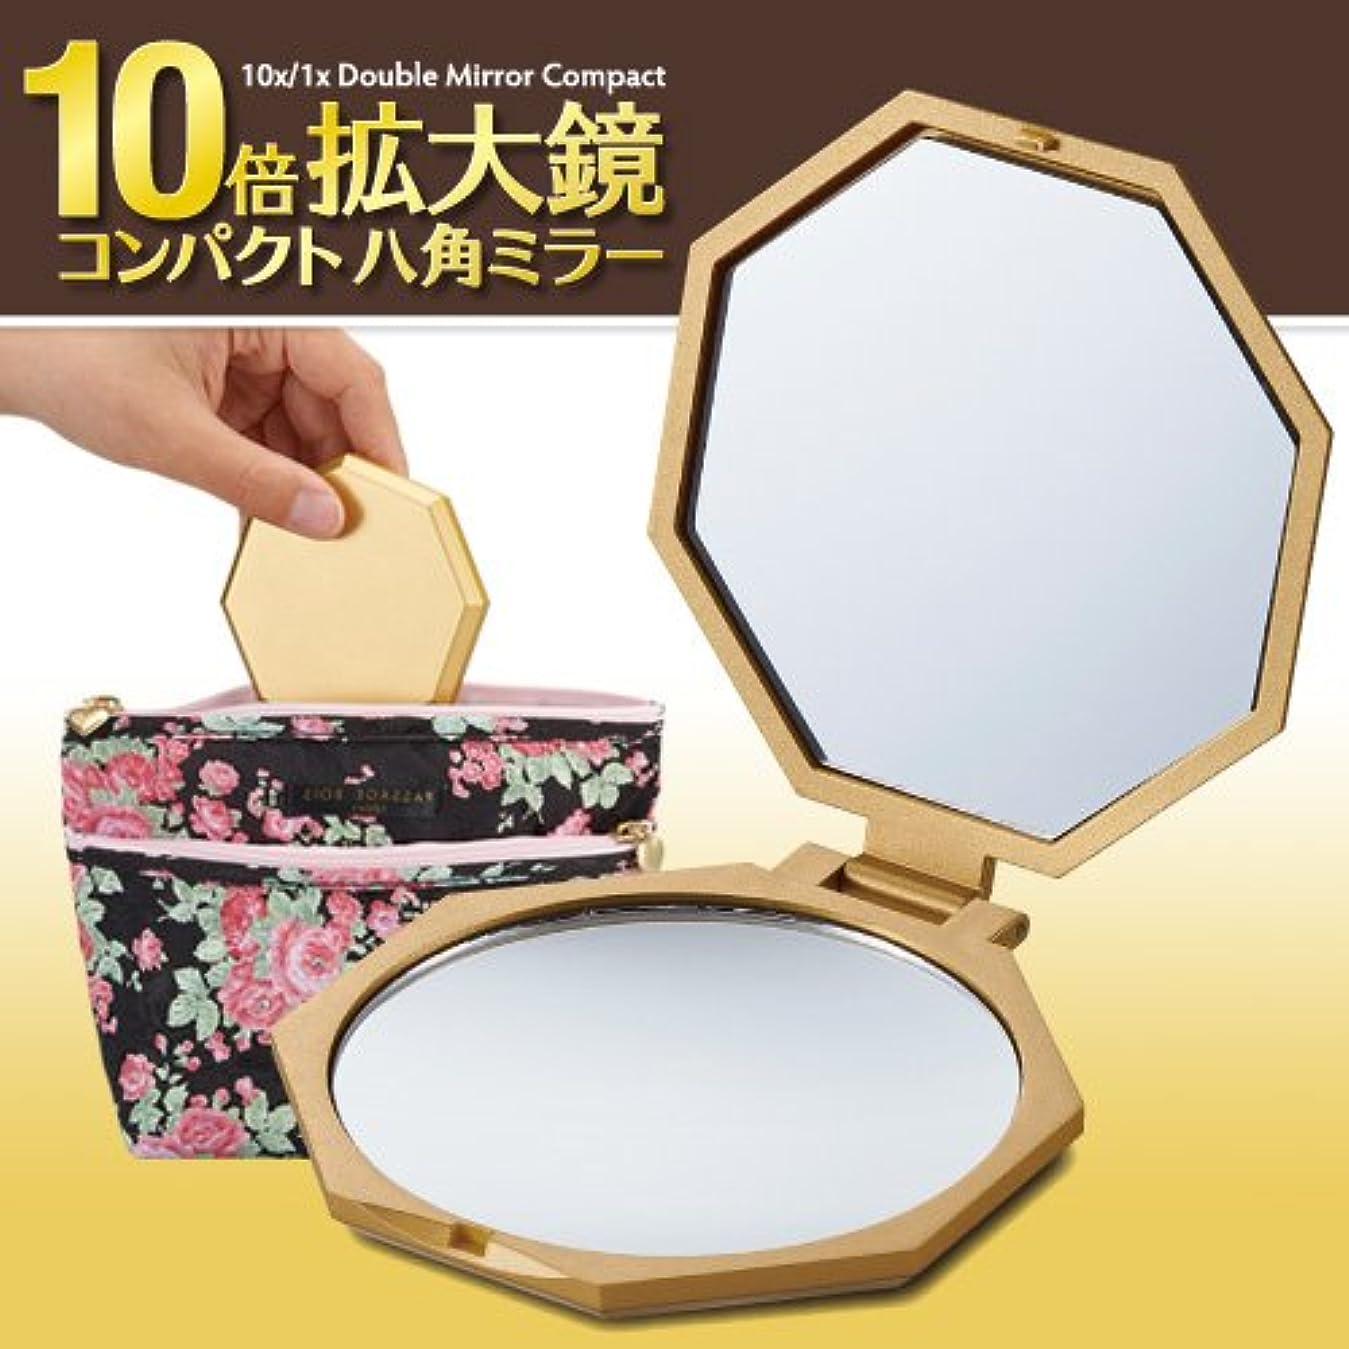 喜ぶシンプルな姿勢八角形×金色の風水デザイン コンパクトな10倍拡大鏡付きミラー【携帯ミラー アイメイクなどの細かいお化粧用鏡】